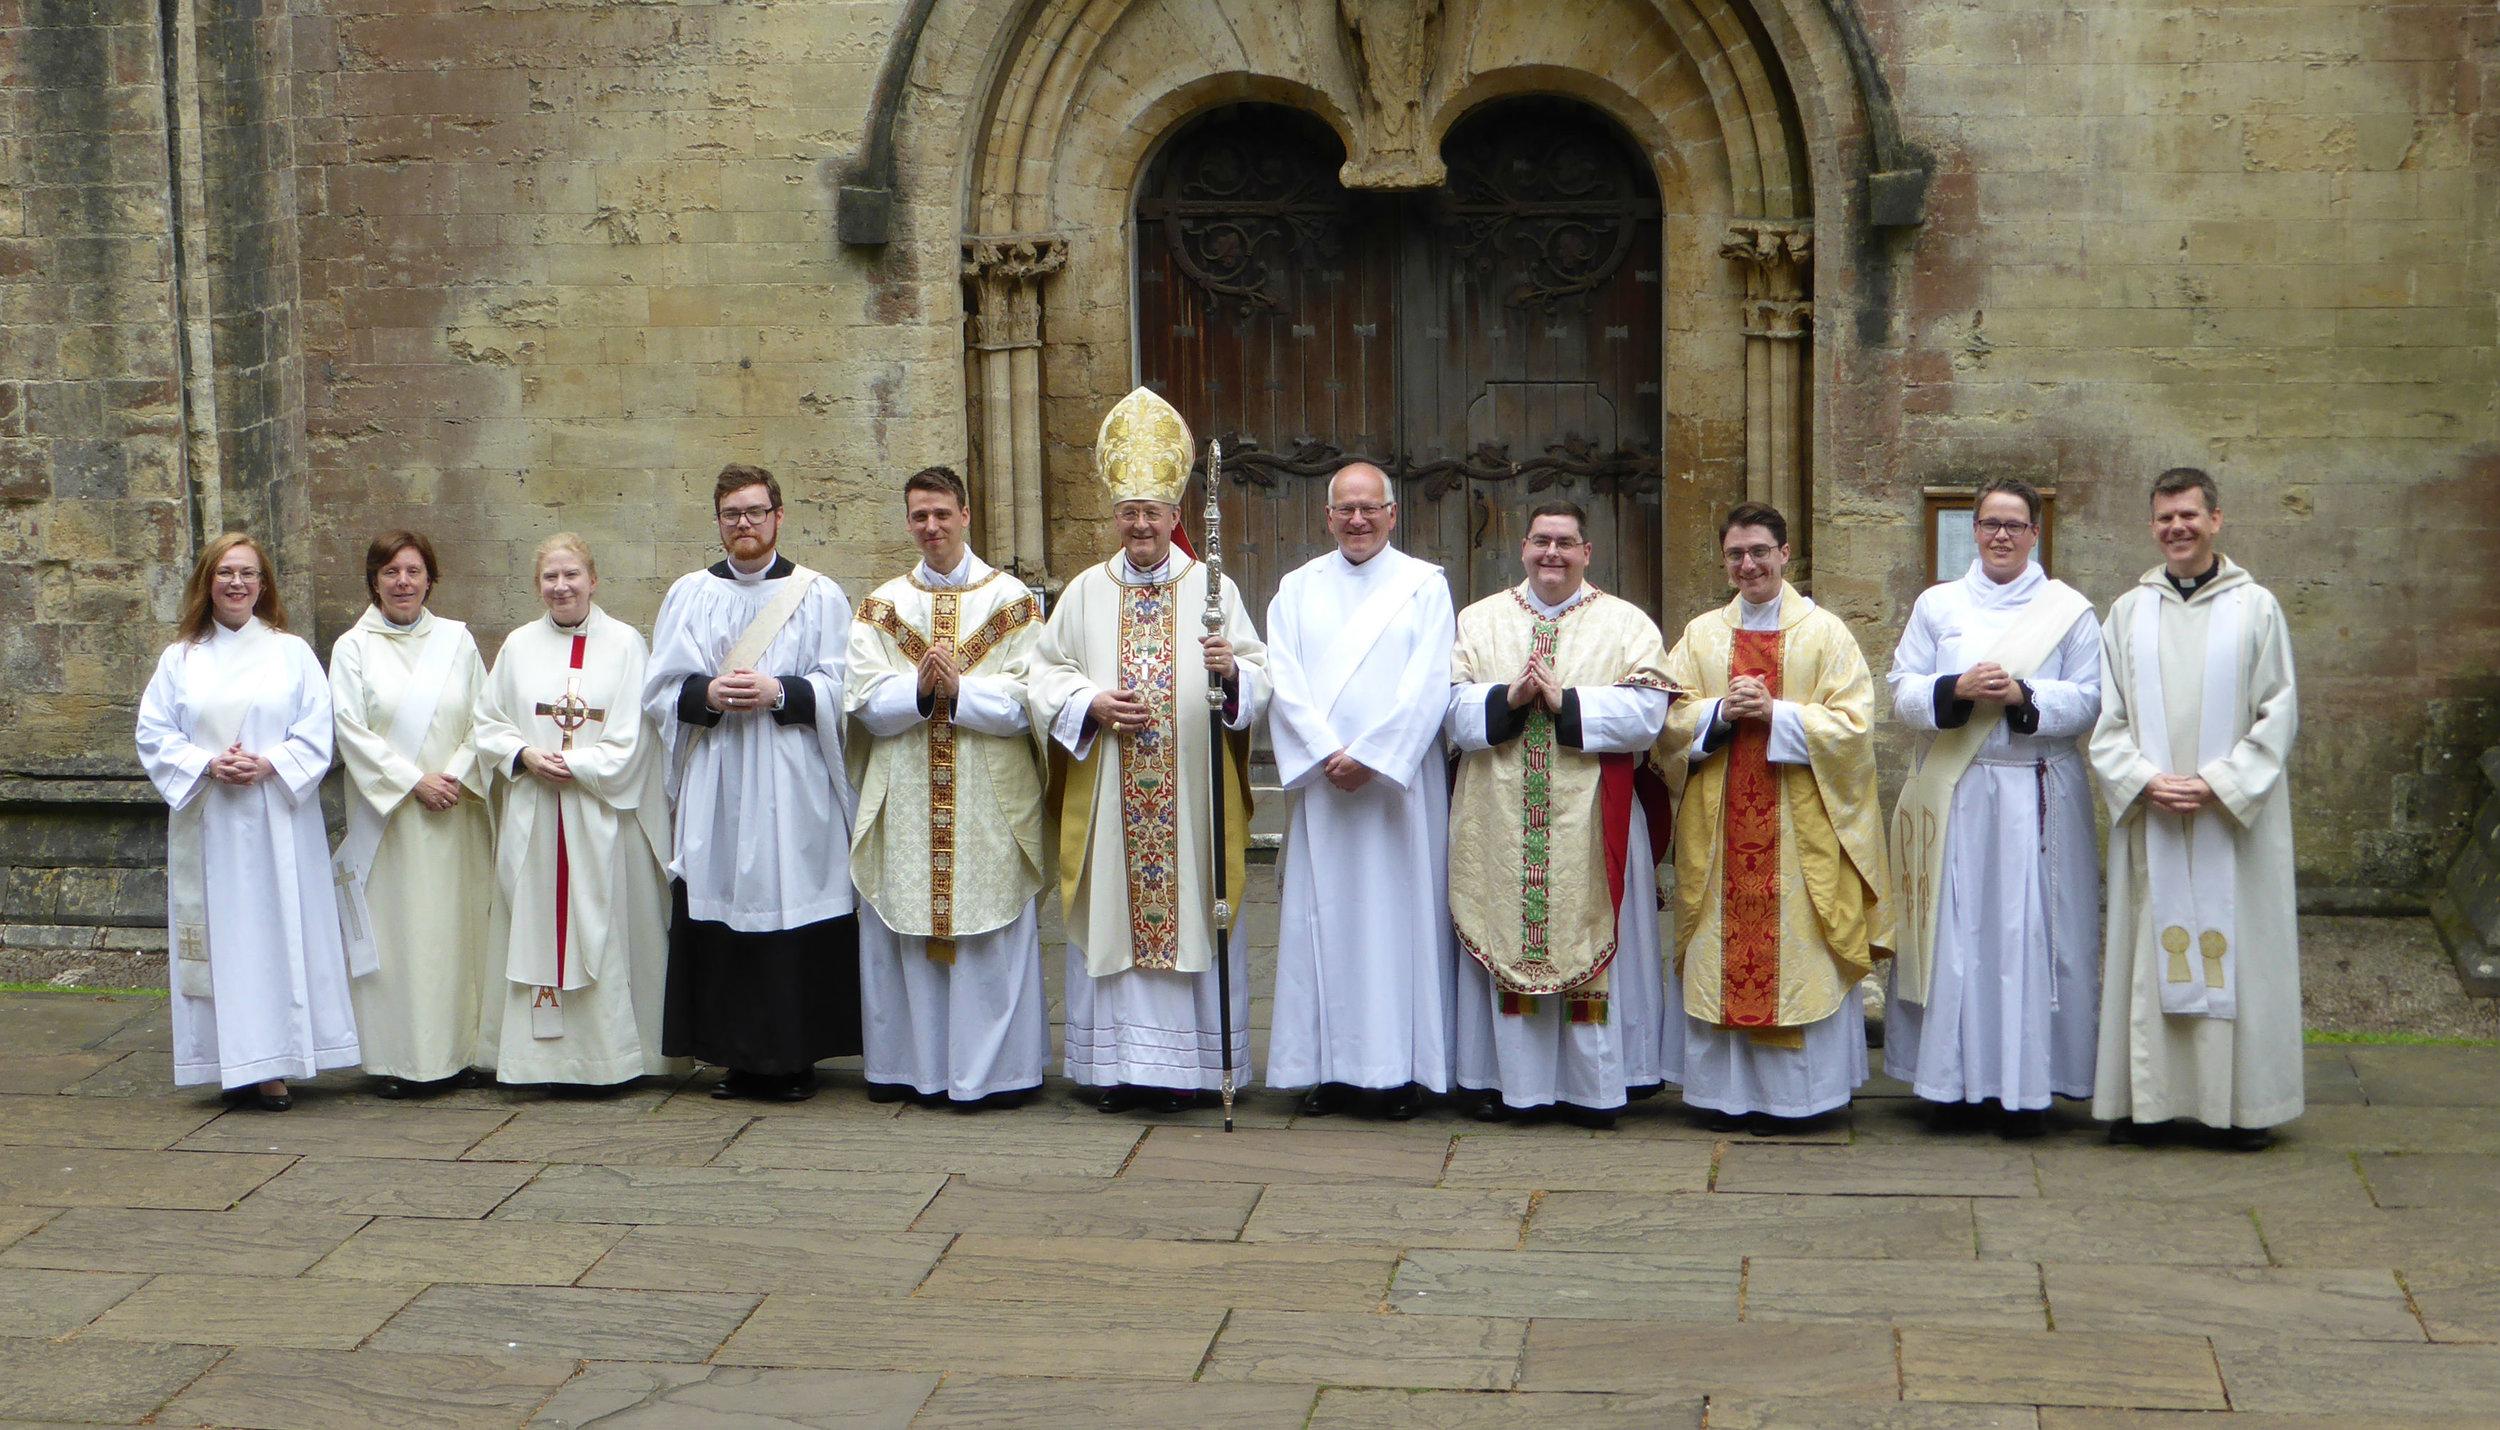 With Bishop John at Llandaff Cathedral